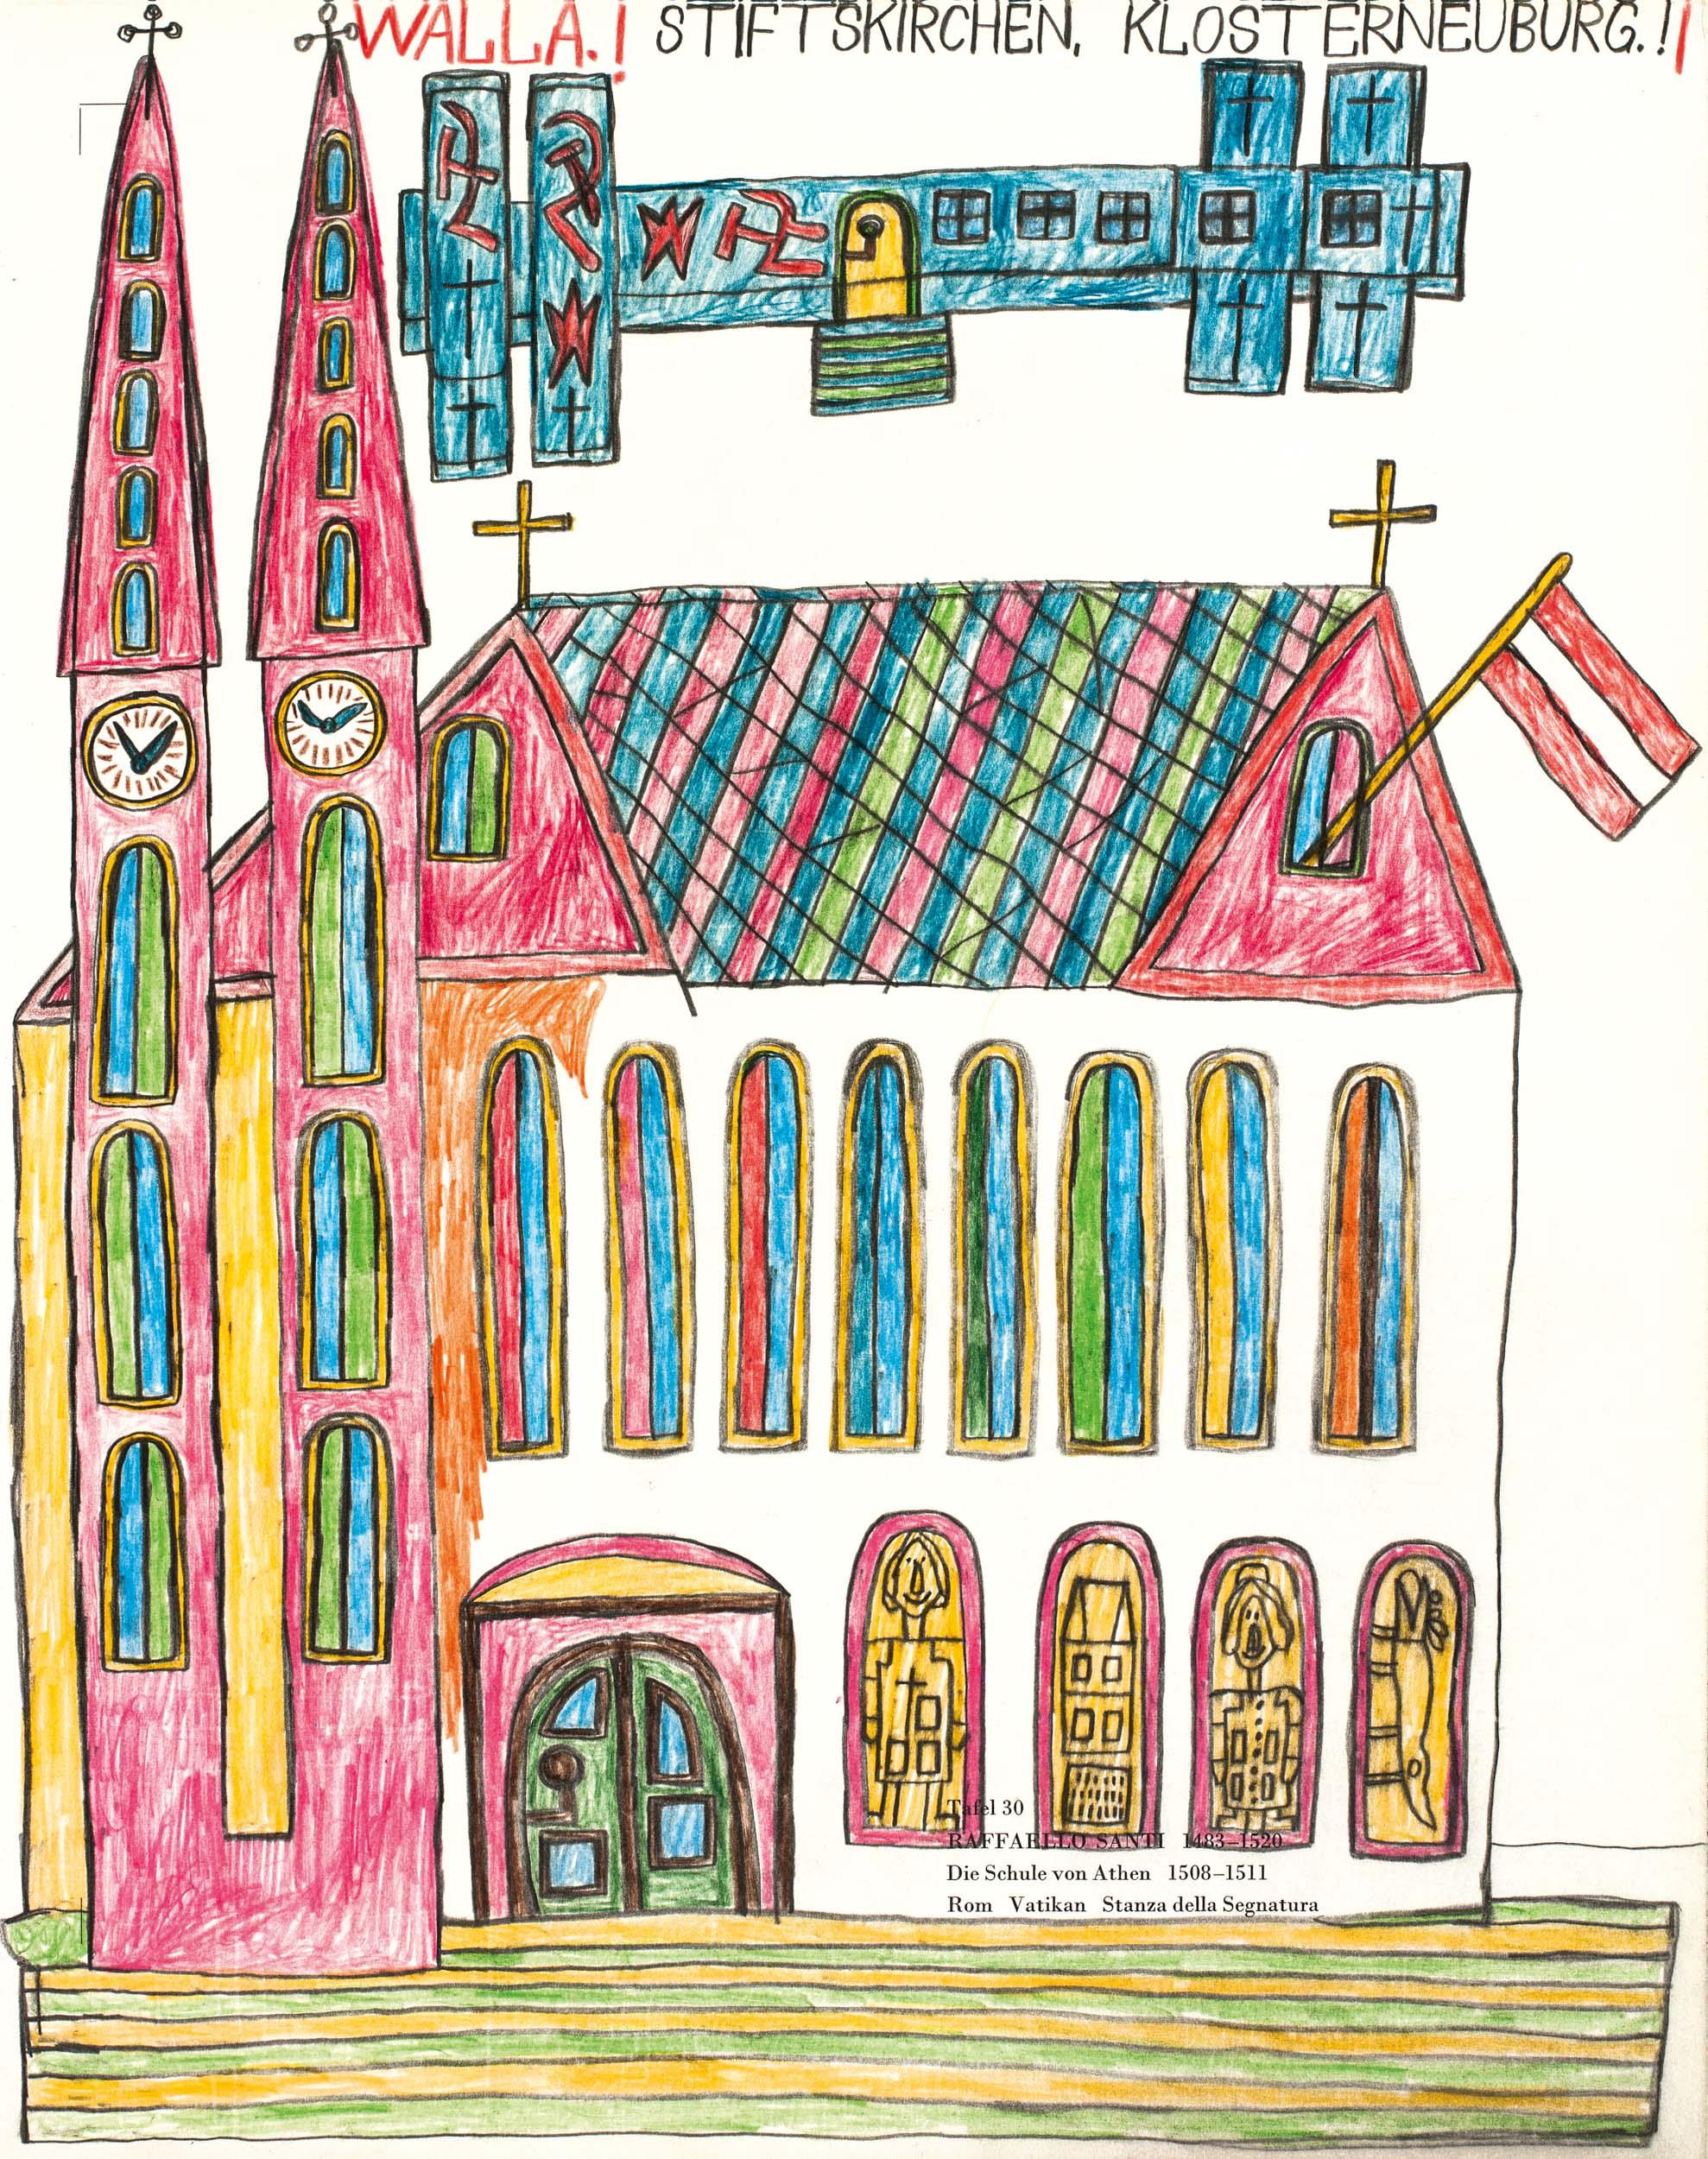 walla august - STIFTSKIRCHEN, KLOSTERNEUBURG.! / ABBEY CHURCHES, KLOSTERNEUBURG.!